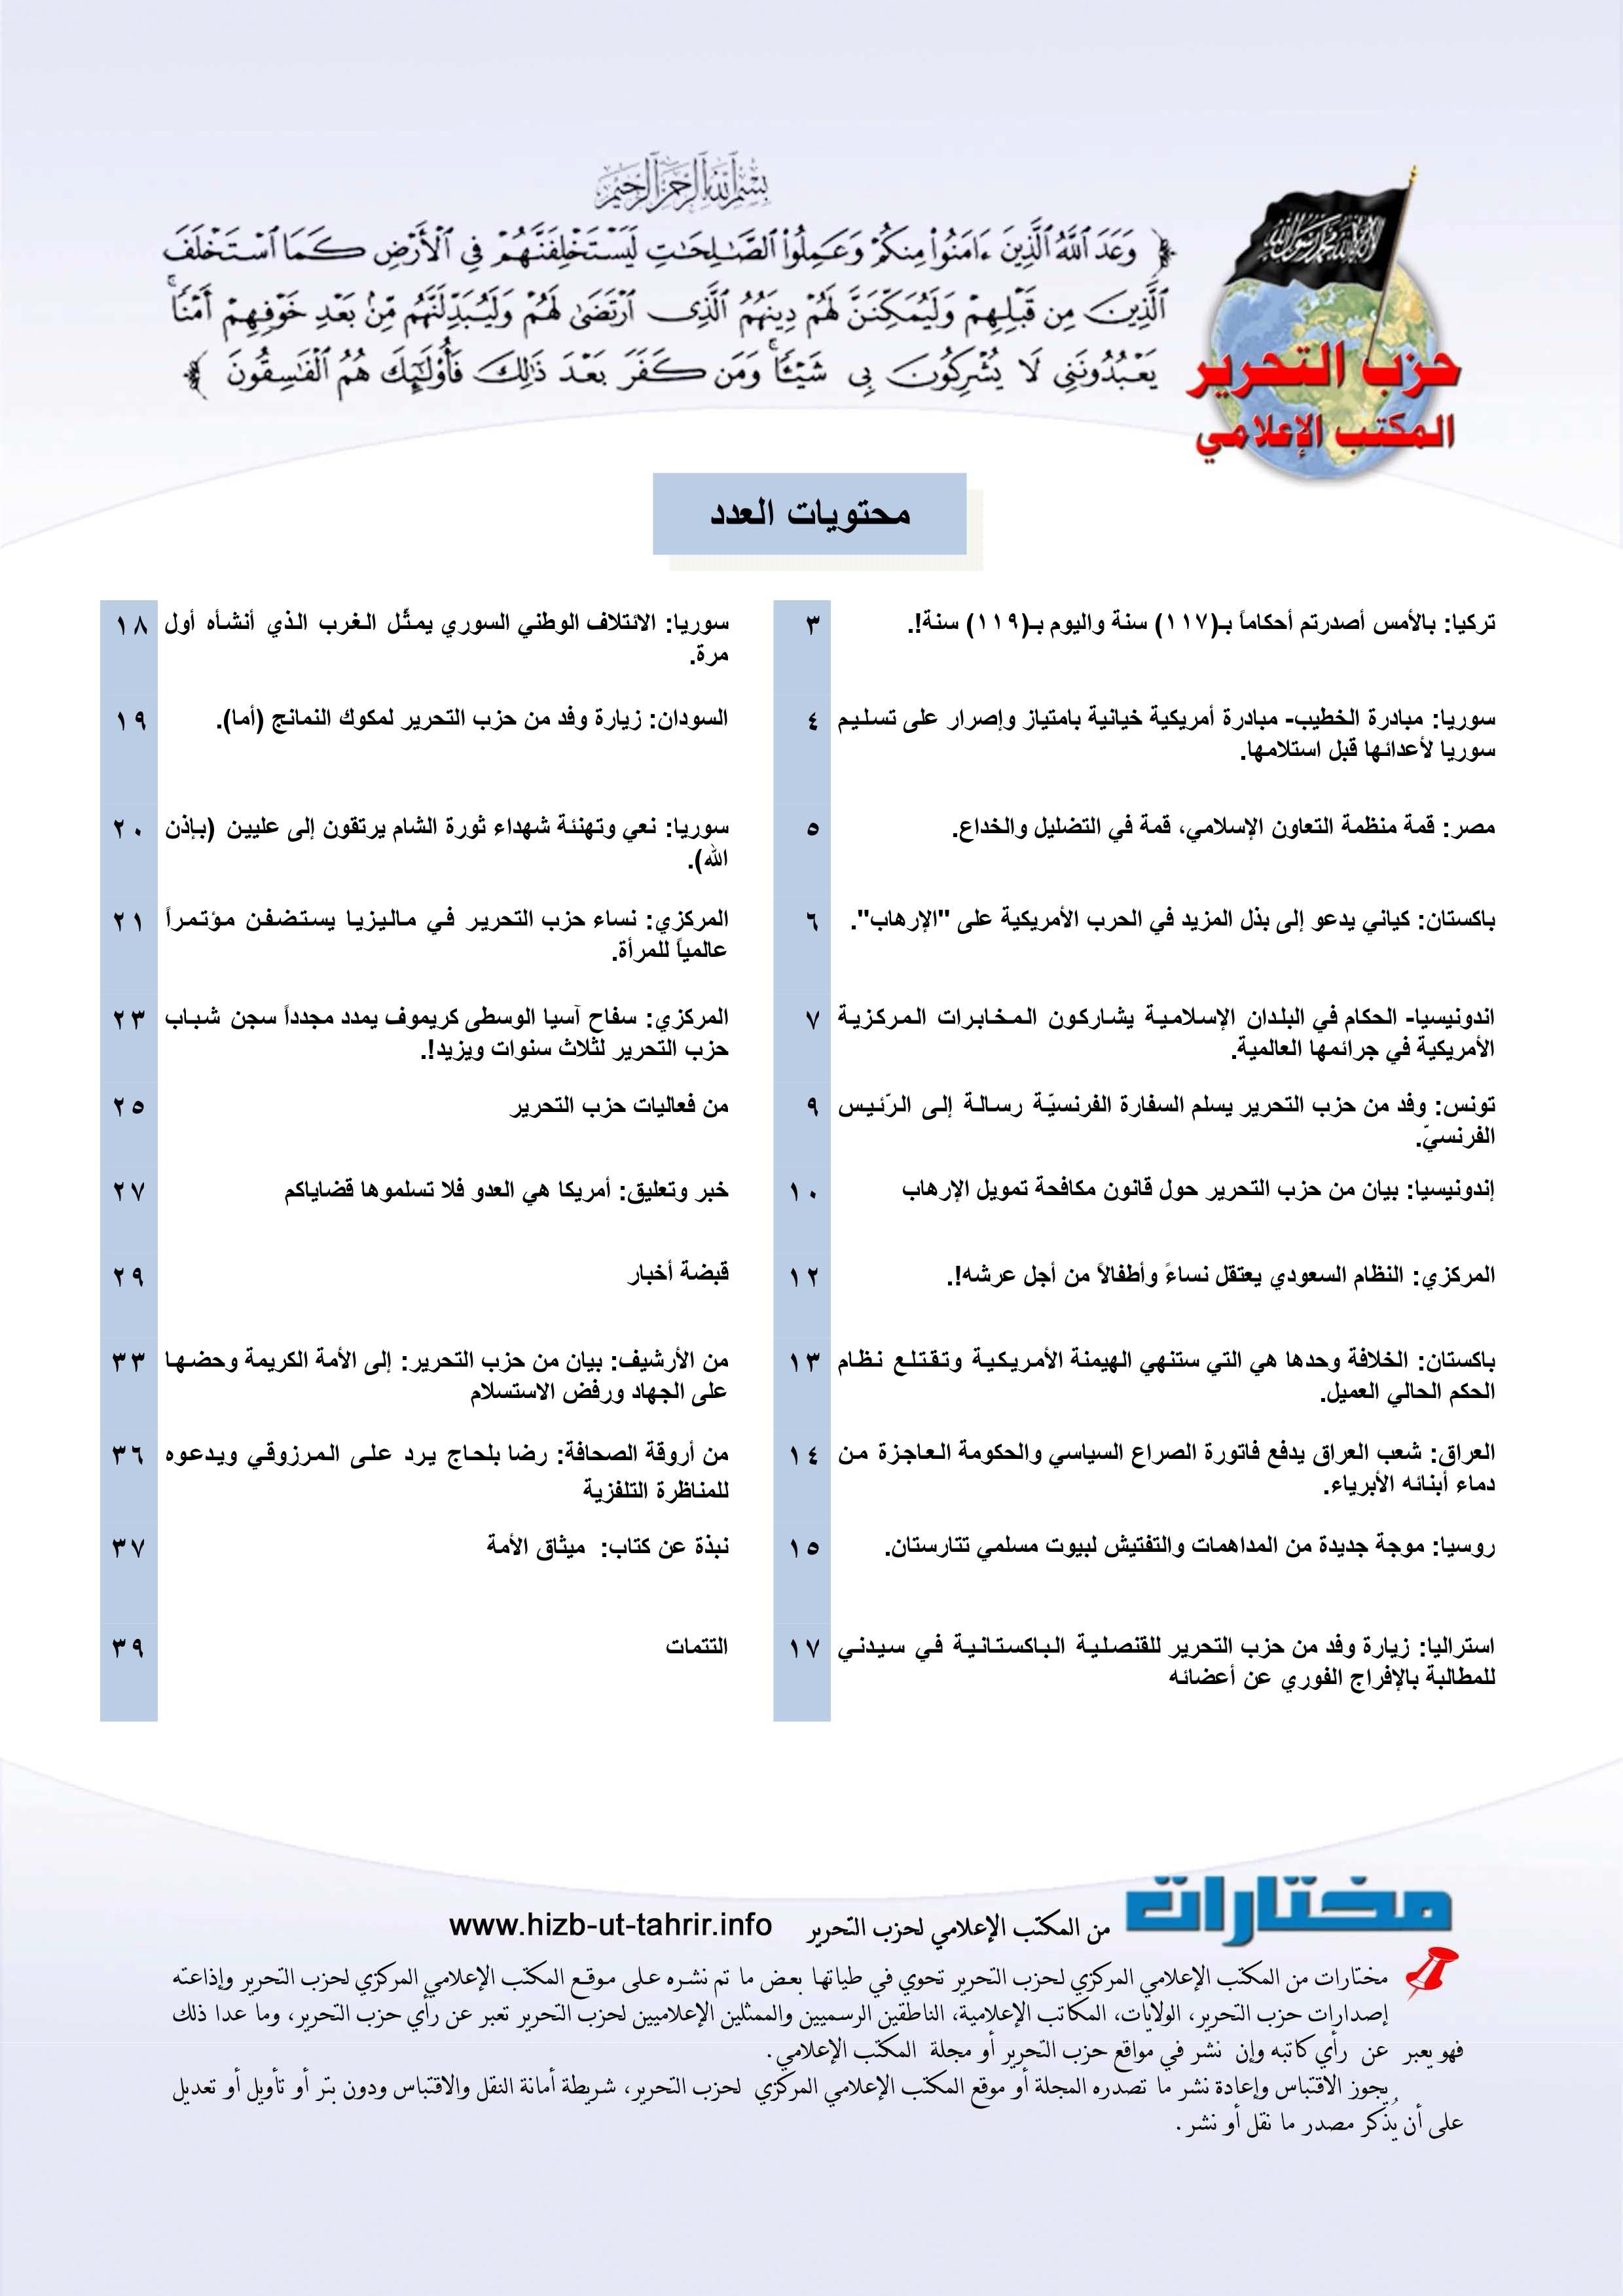 Mokhtarat_55_AR_Fahras.jpg